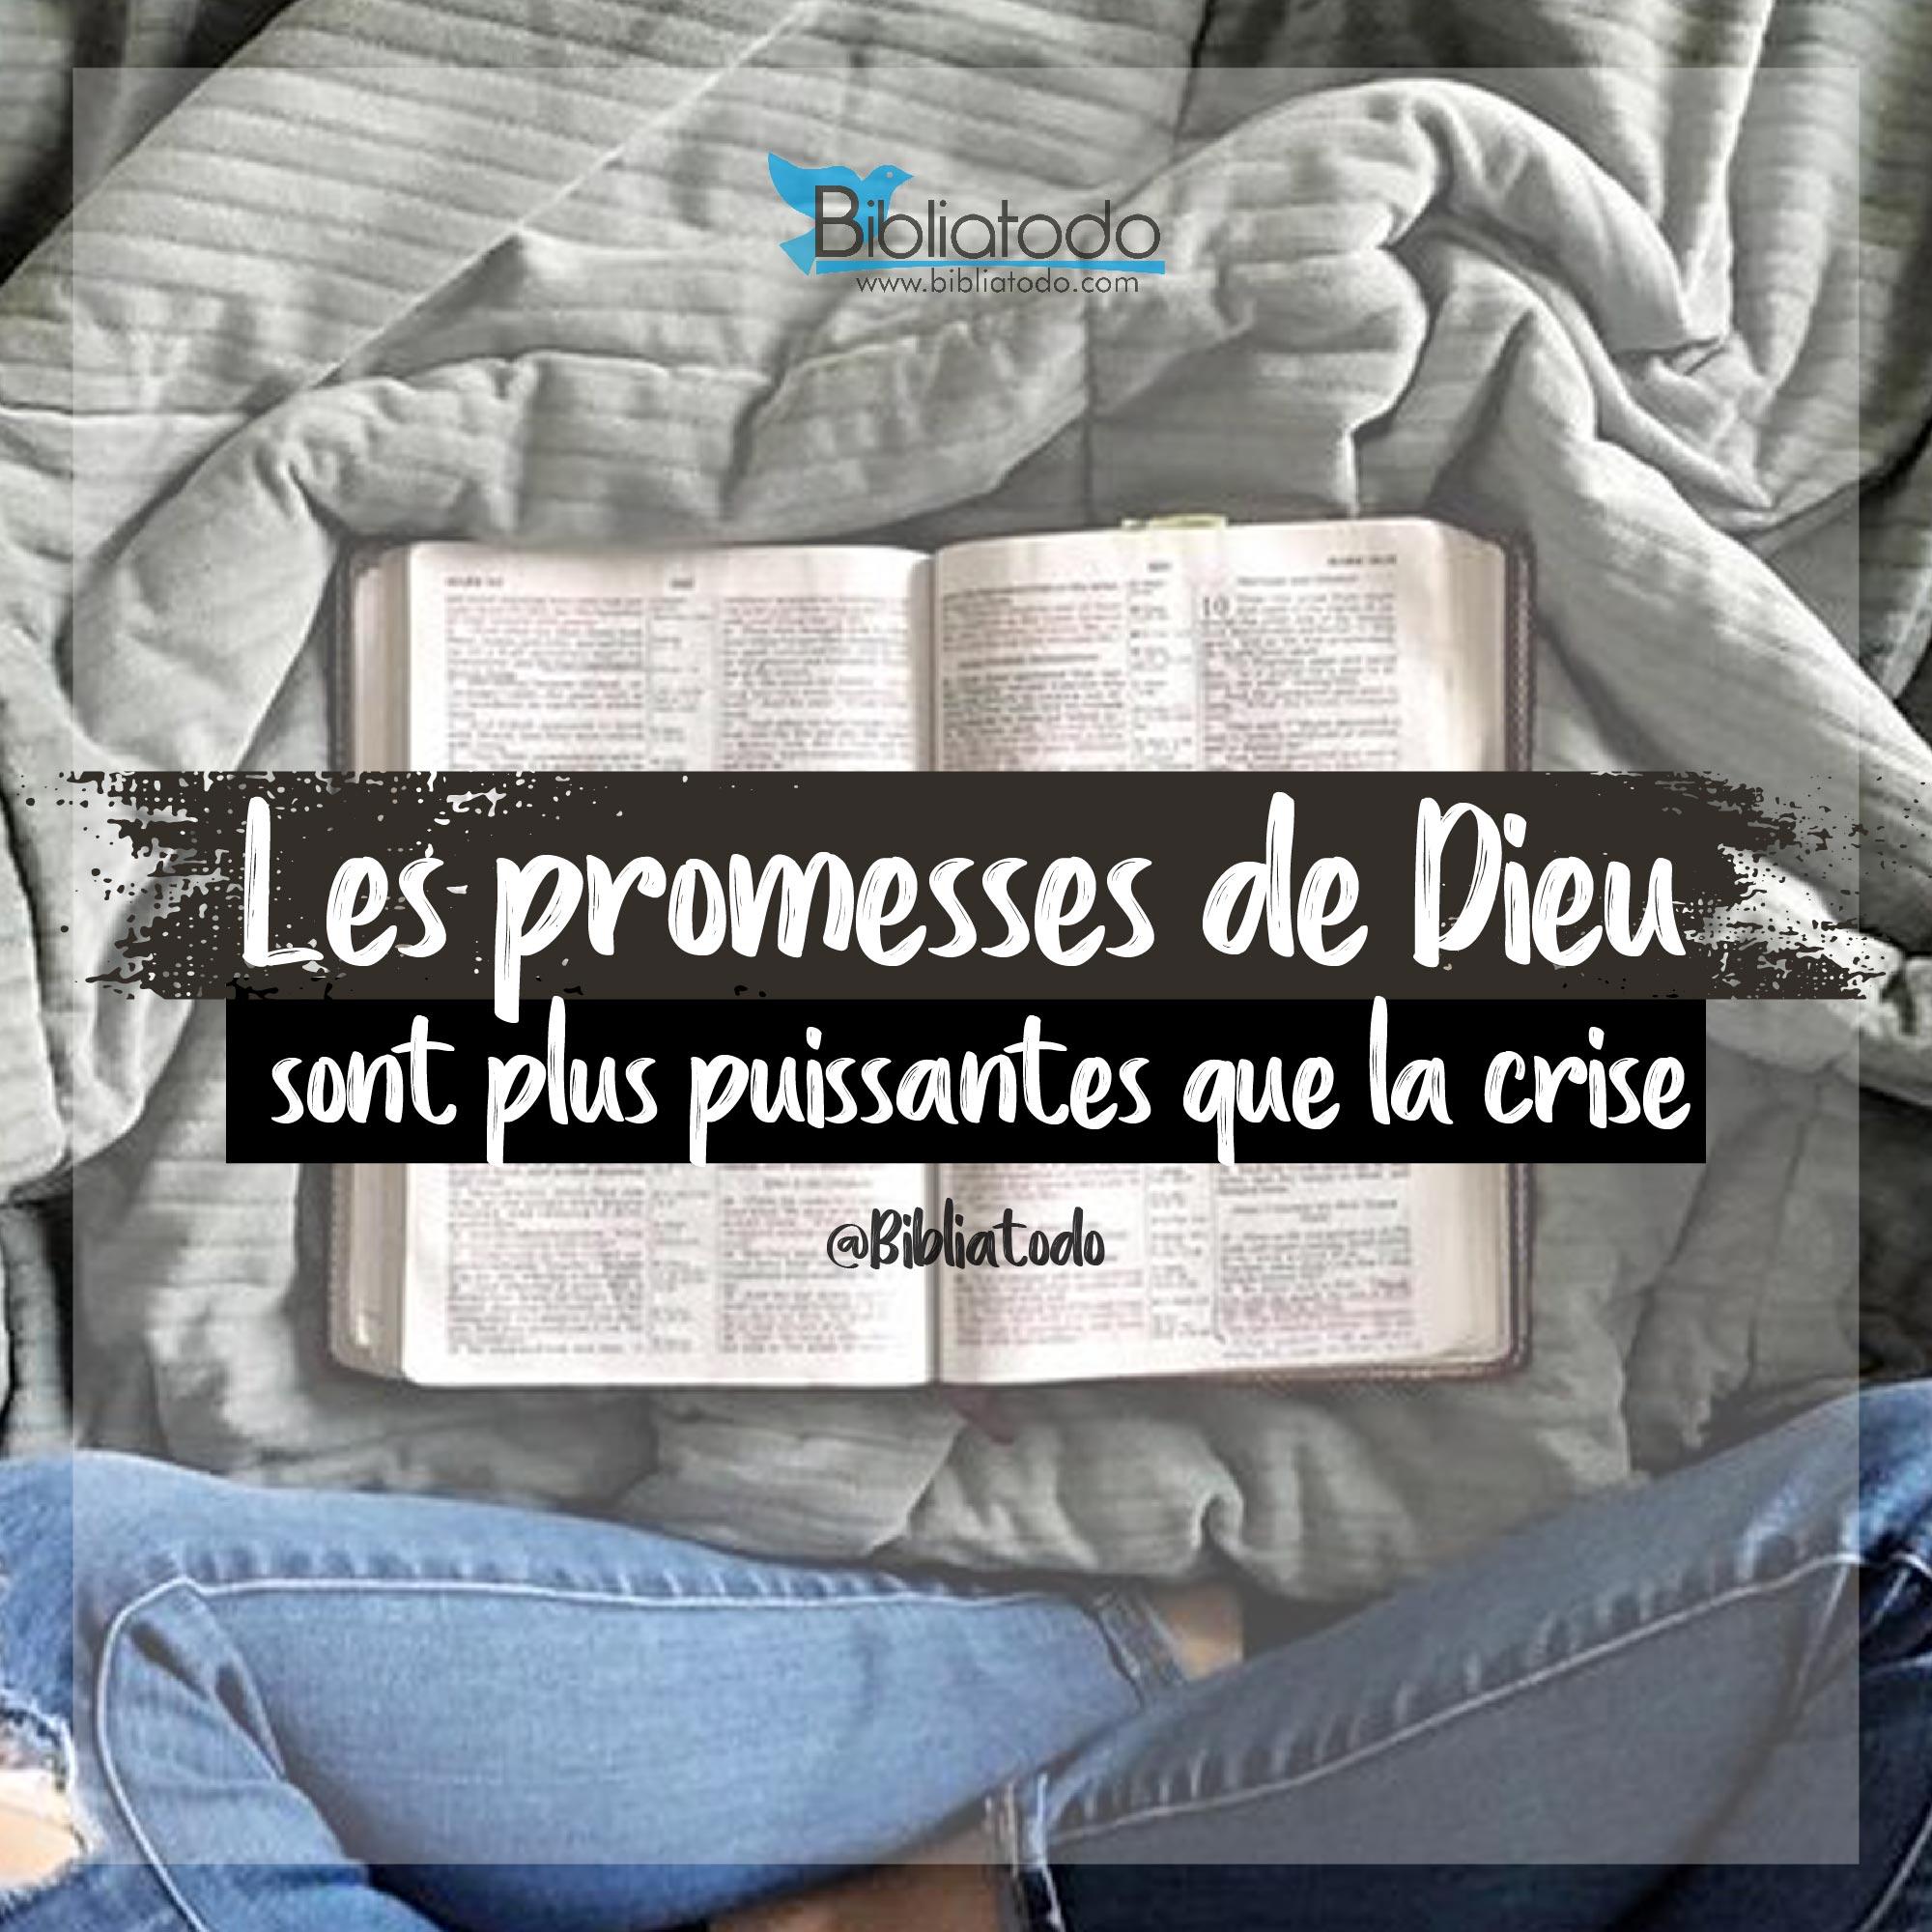 fr-img-1009-Les-promesses-de-Dieu-sont-plus-puissantes-que-la-crise